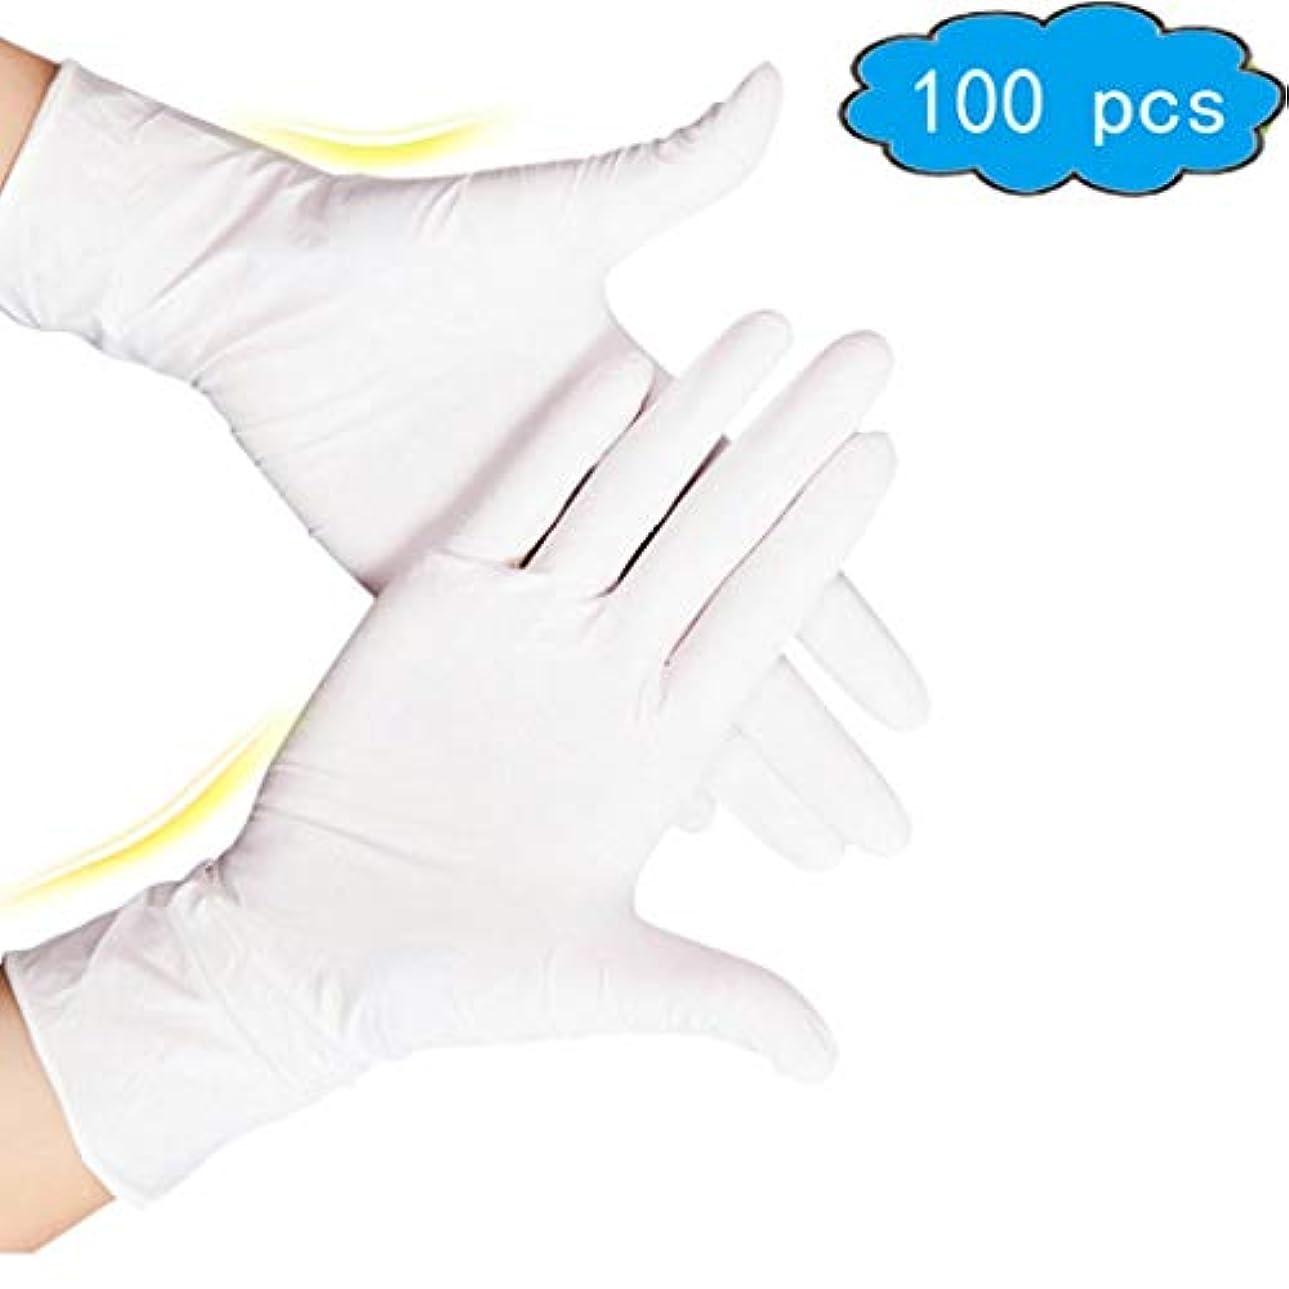 ガレージ戸惑うコンパクト使い捨てニトリル手袋、ノーパウダー、ラテックスアレルギー対策済みの多機能ヘビーデューティスーパーストロング、手袋を清掃、食品グレードキッチン手袋(100箱)、衛生手袋、応急処置用品 (Color : White, Size...